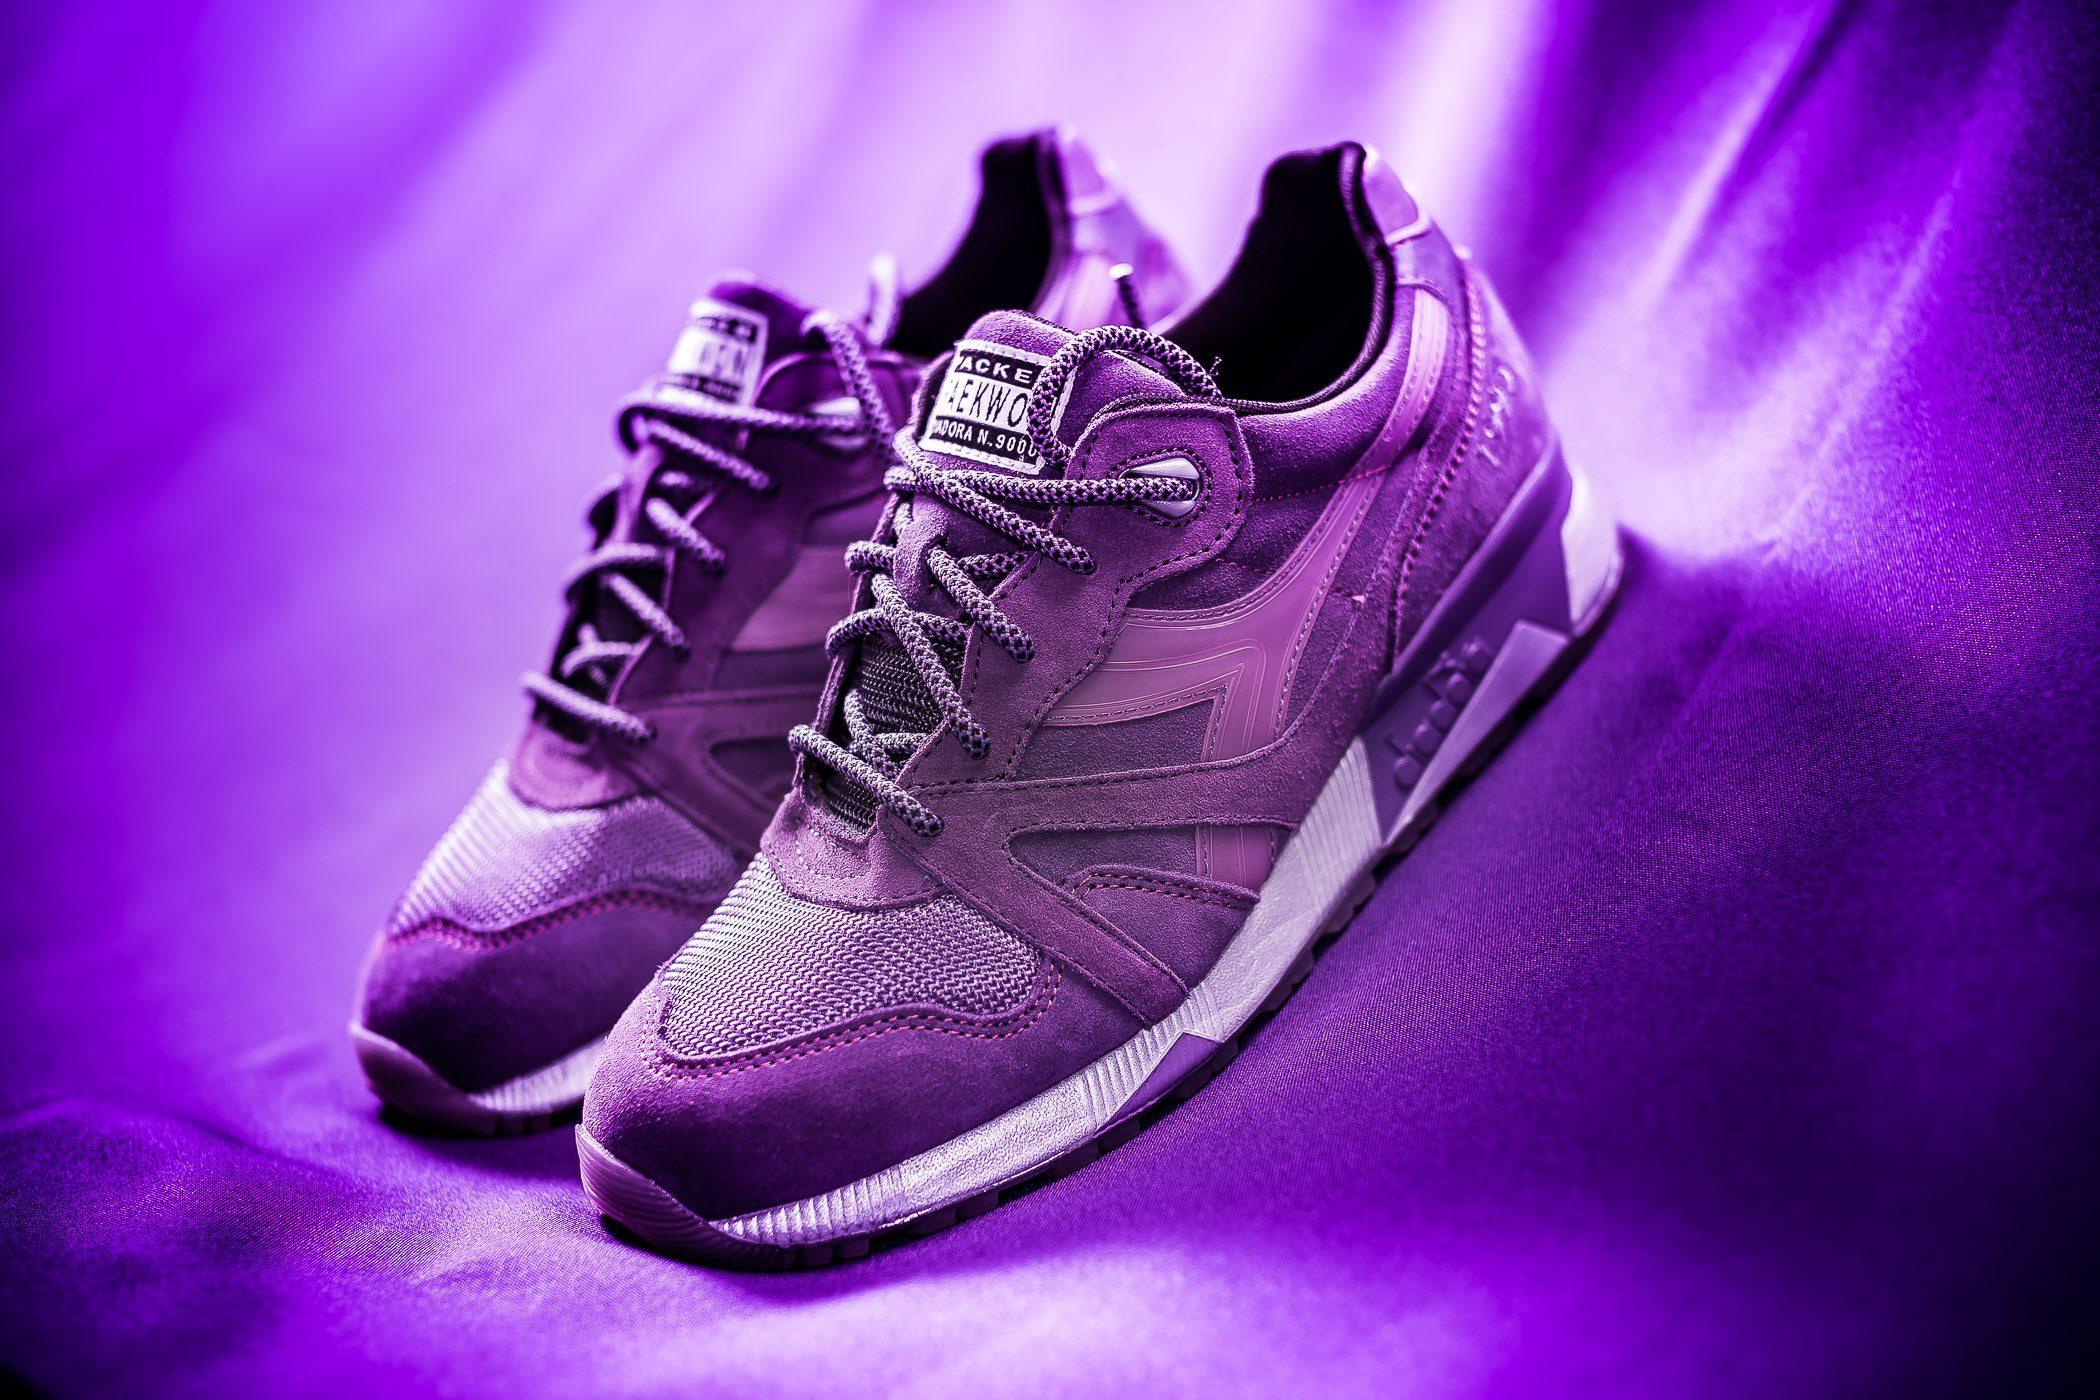 Packer Shoes x Raekwon x Diadora N9000 Purple Tape 11